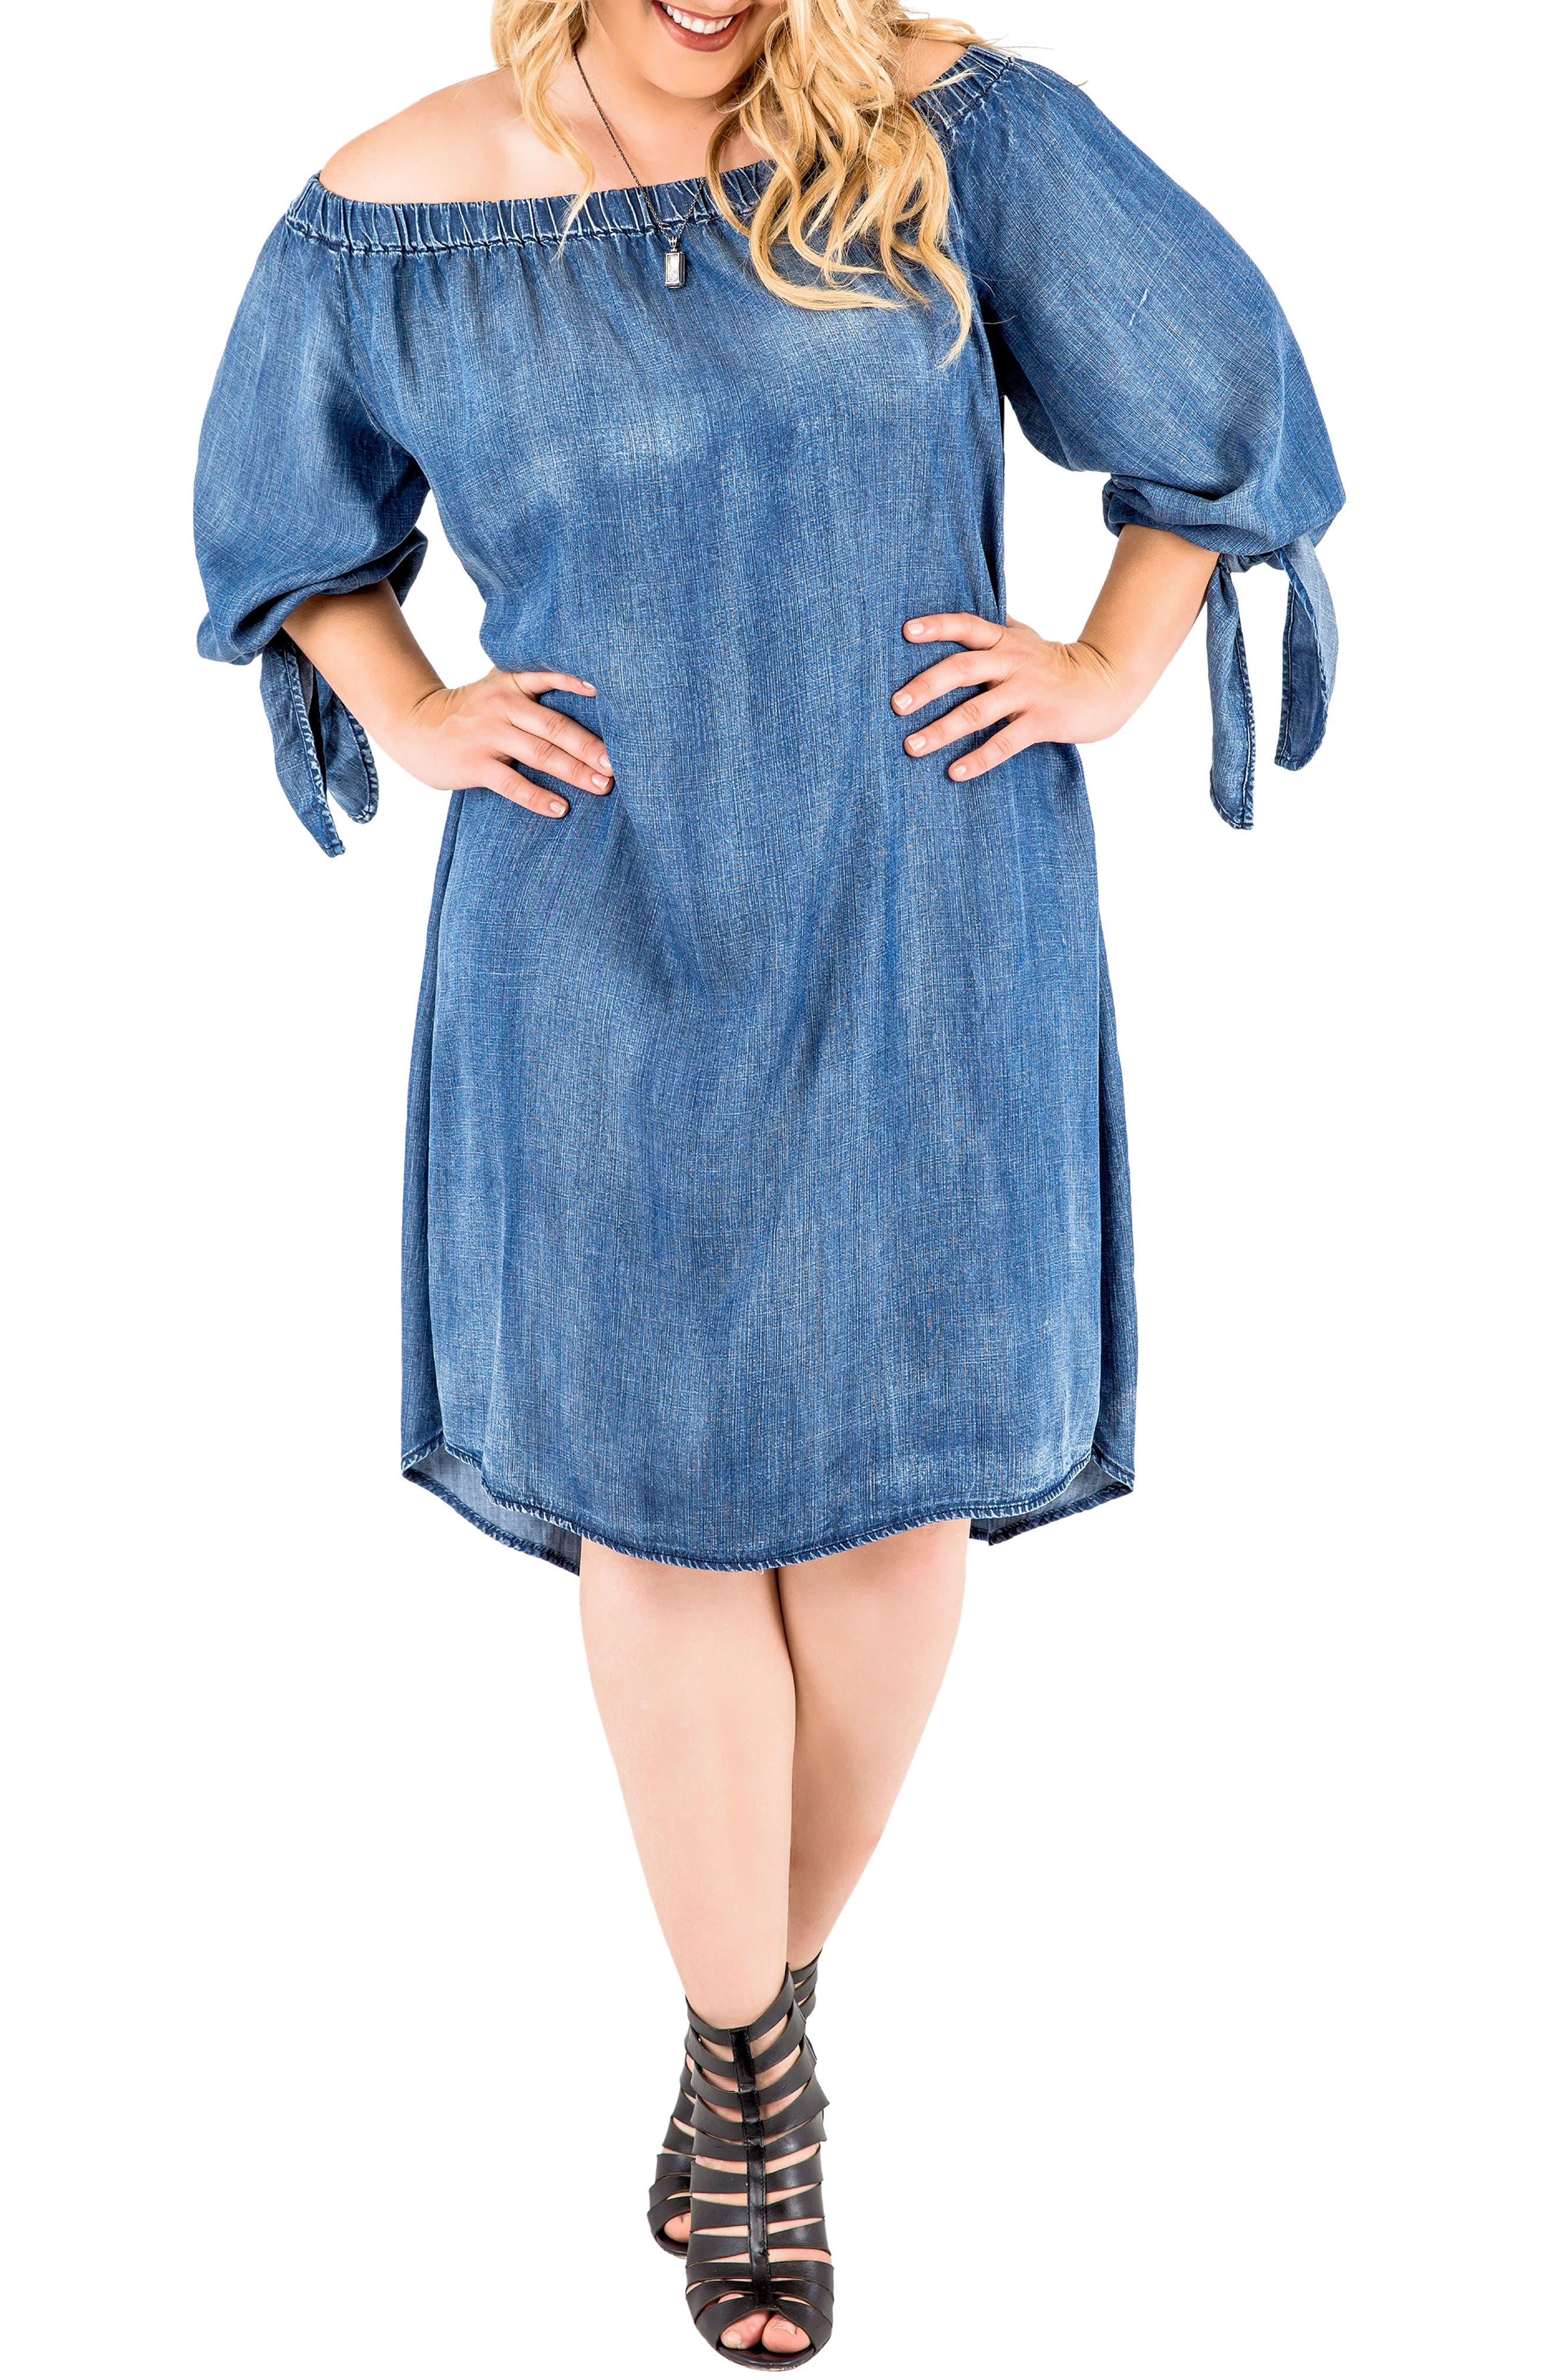 Alternate Image 1 Selected - Standards & Practices Julie Off the Shoulder Denim Dress (Plus Size)